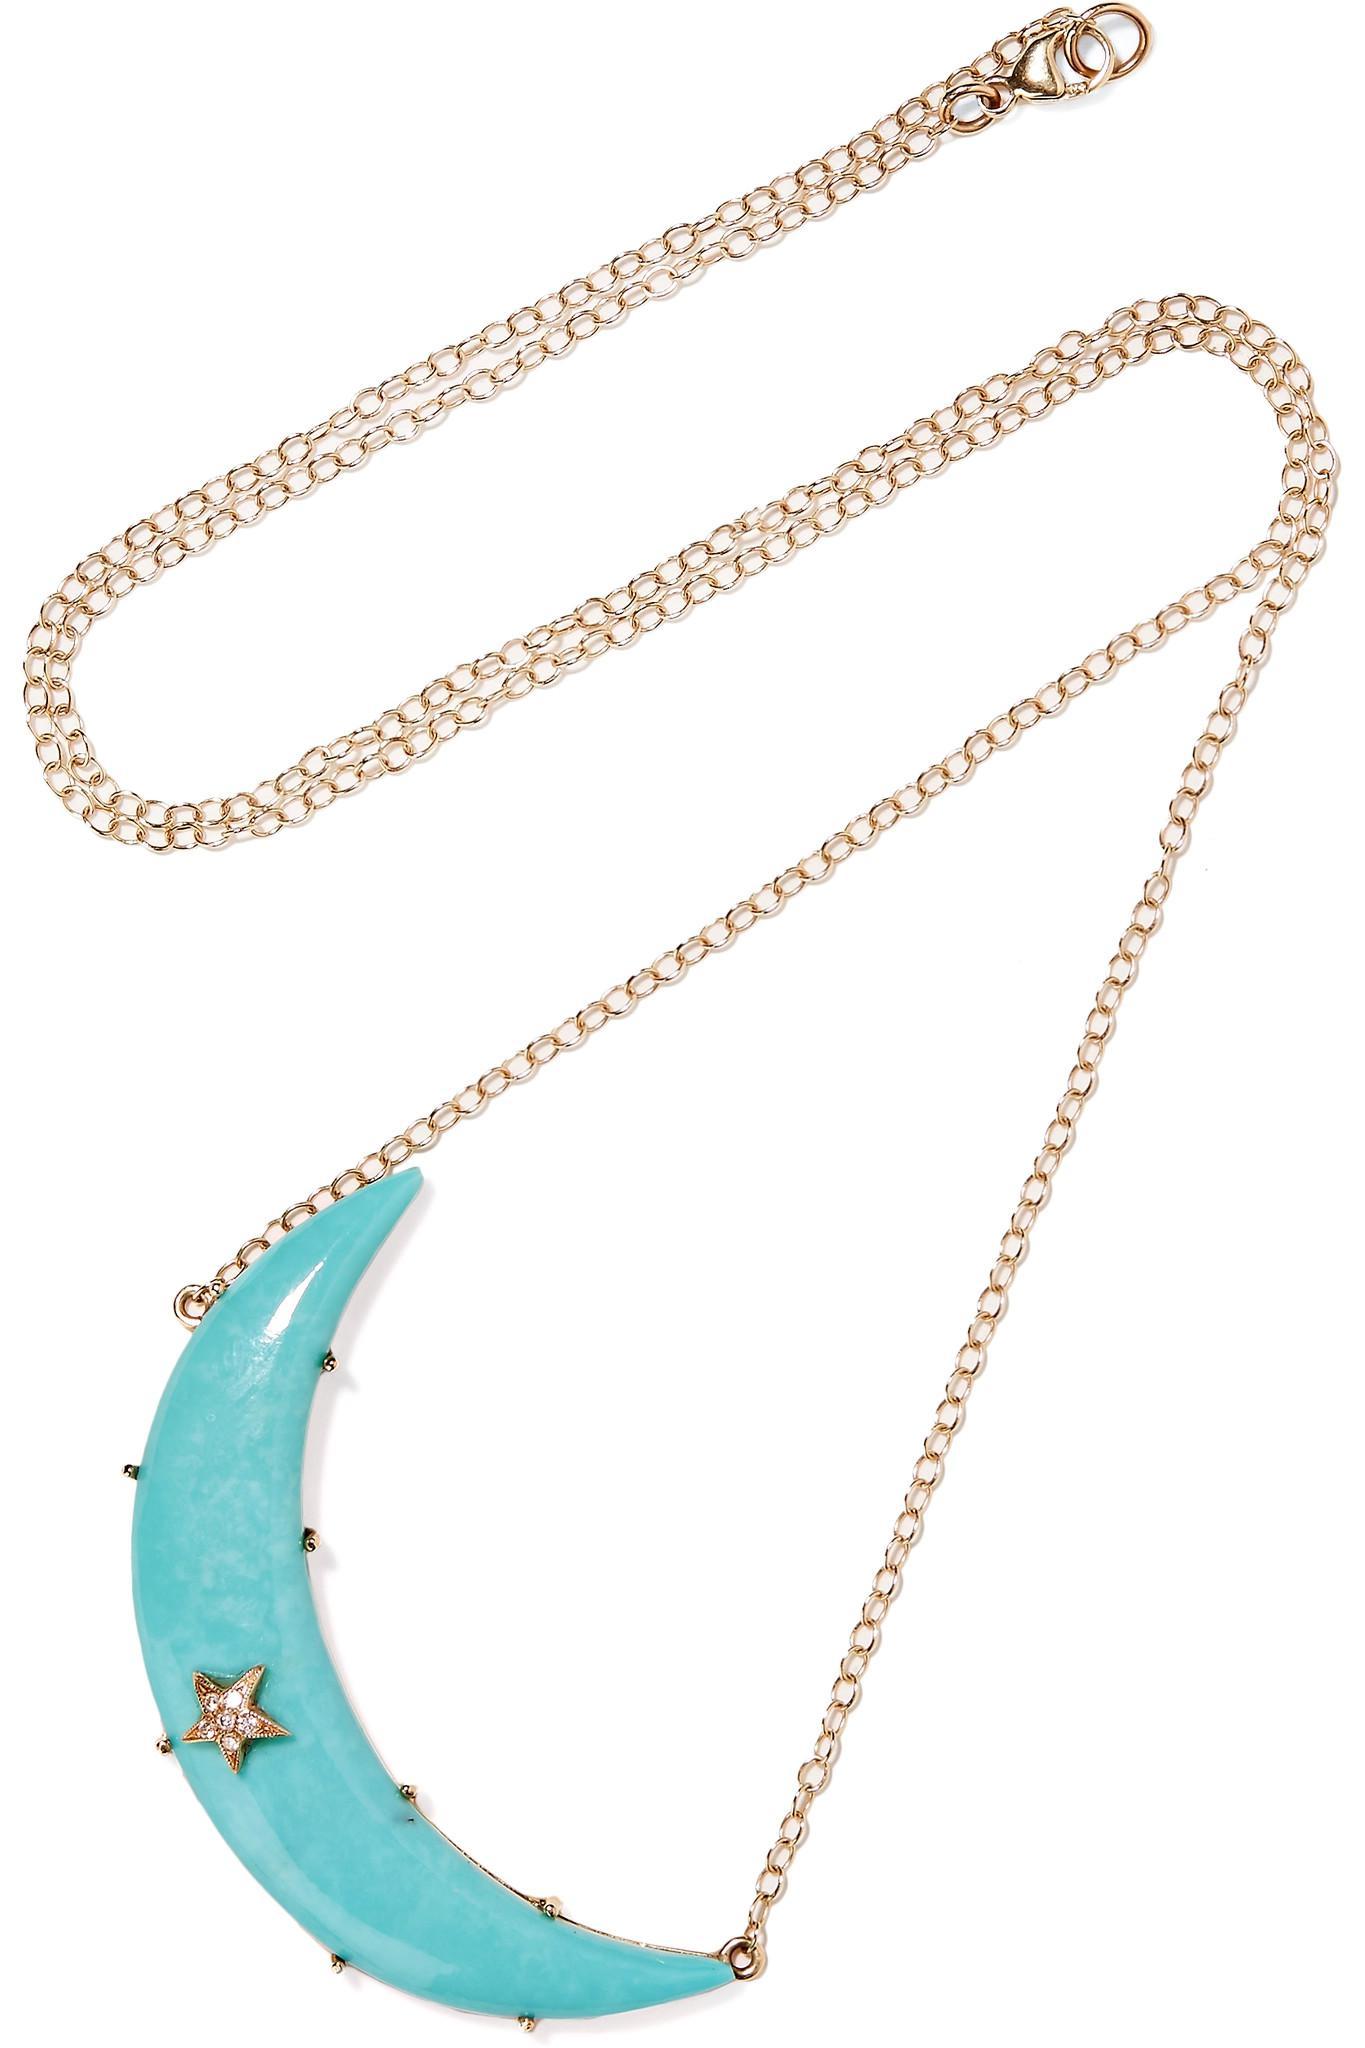 MOnogram Turquoise Enamel Necklace Andrea Fohrman pKD2orPSLX